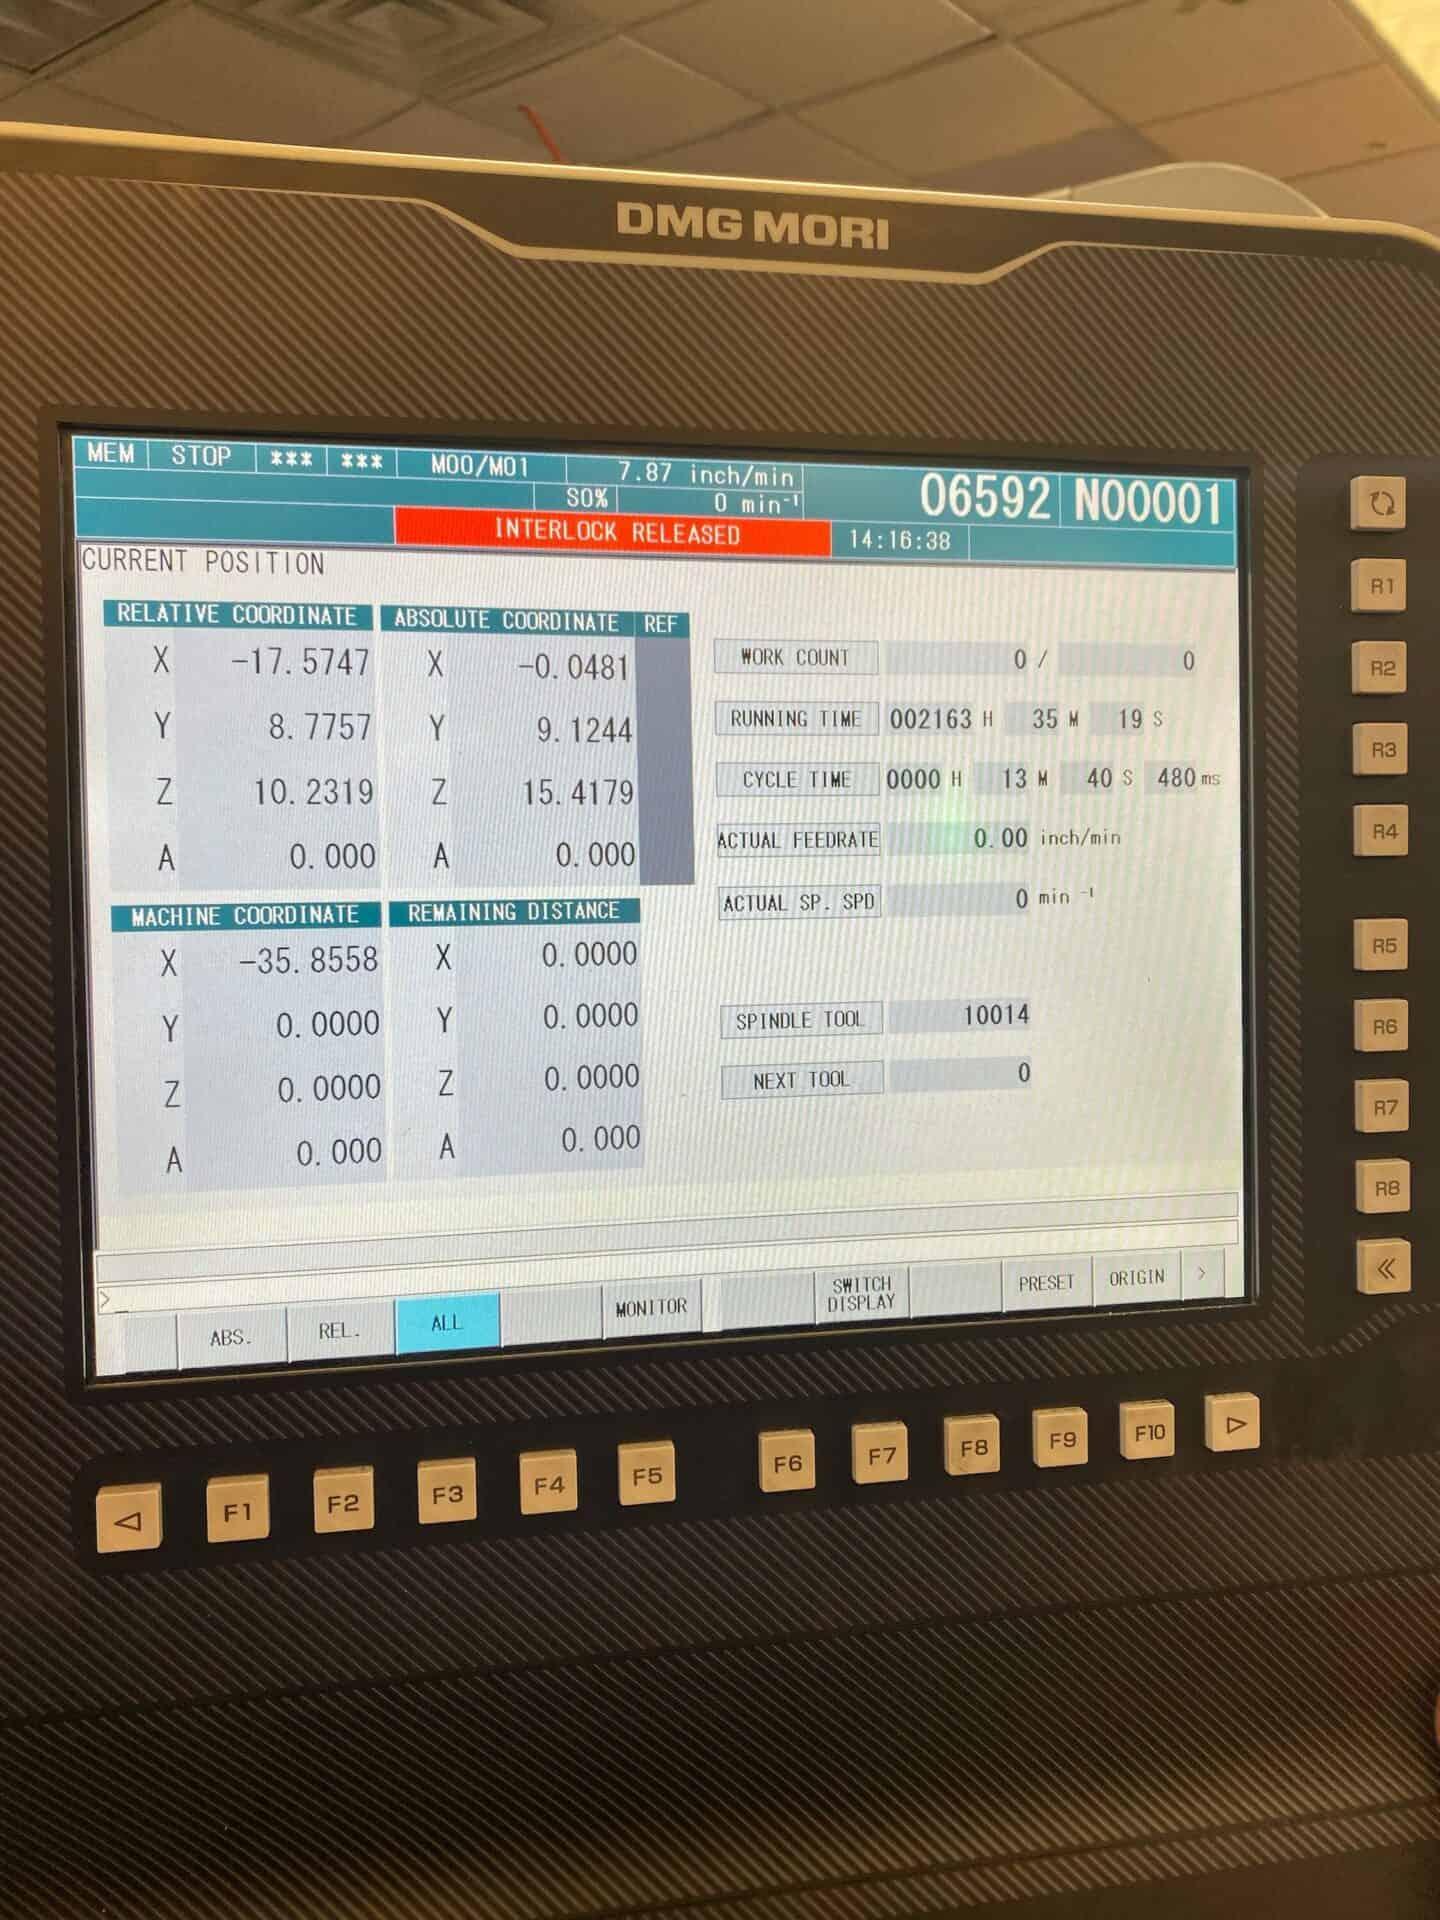 dmg mori cmx 1100 v price